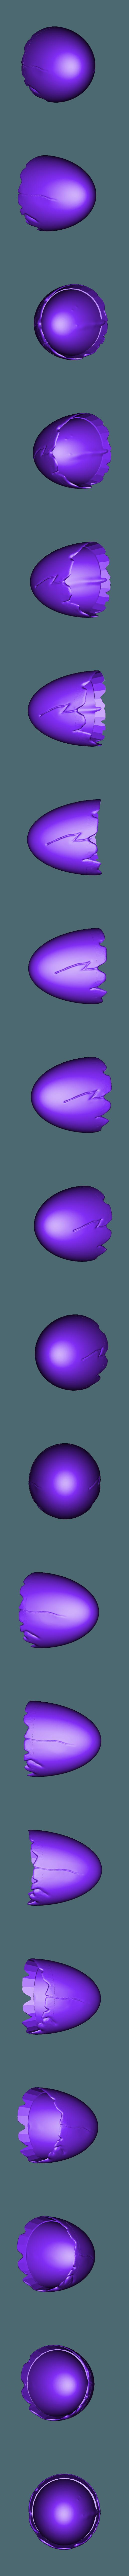 Calimero_-_Coquille_Extra_Fine.stl Télécharger fichier STL gratuit Calimero • Objet pour impression 3D, BODY3D